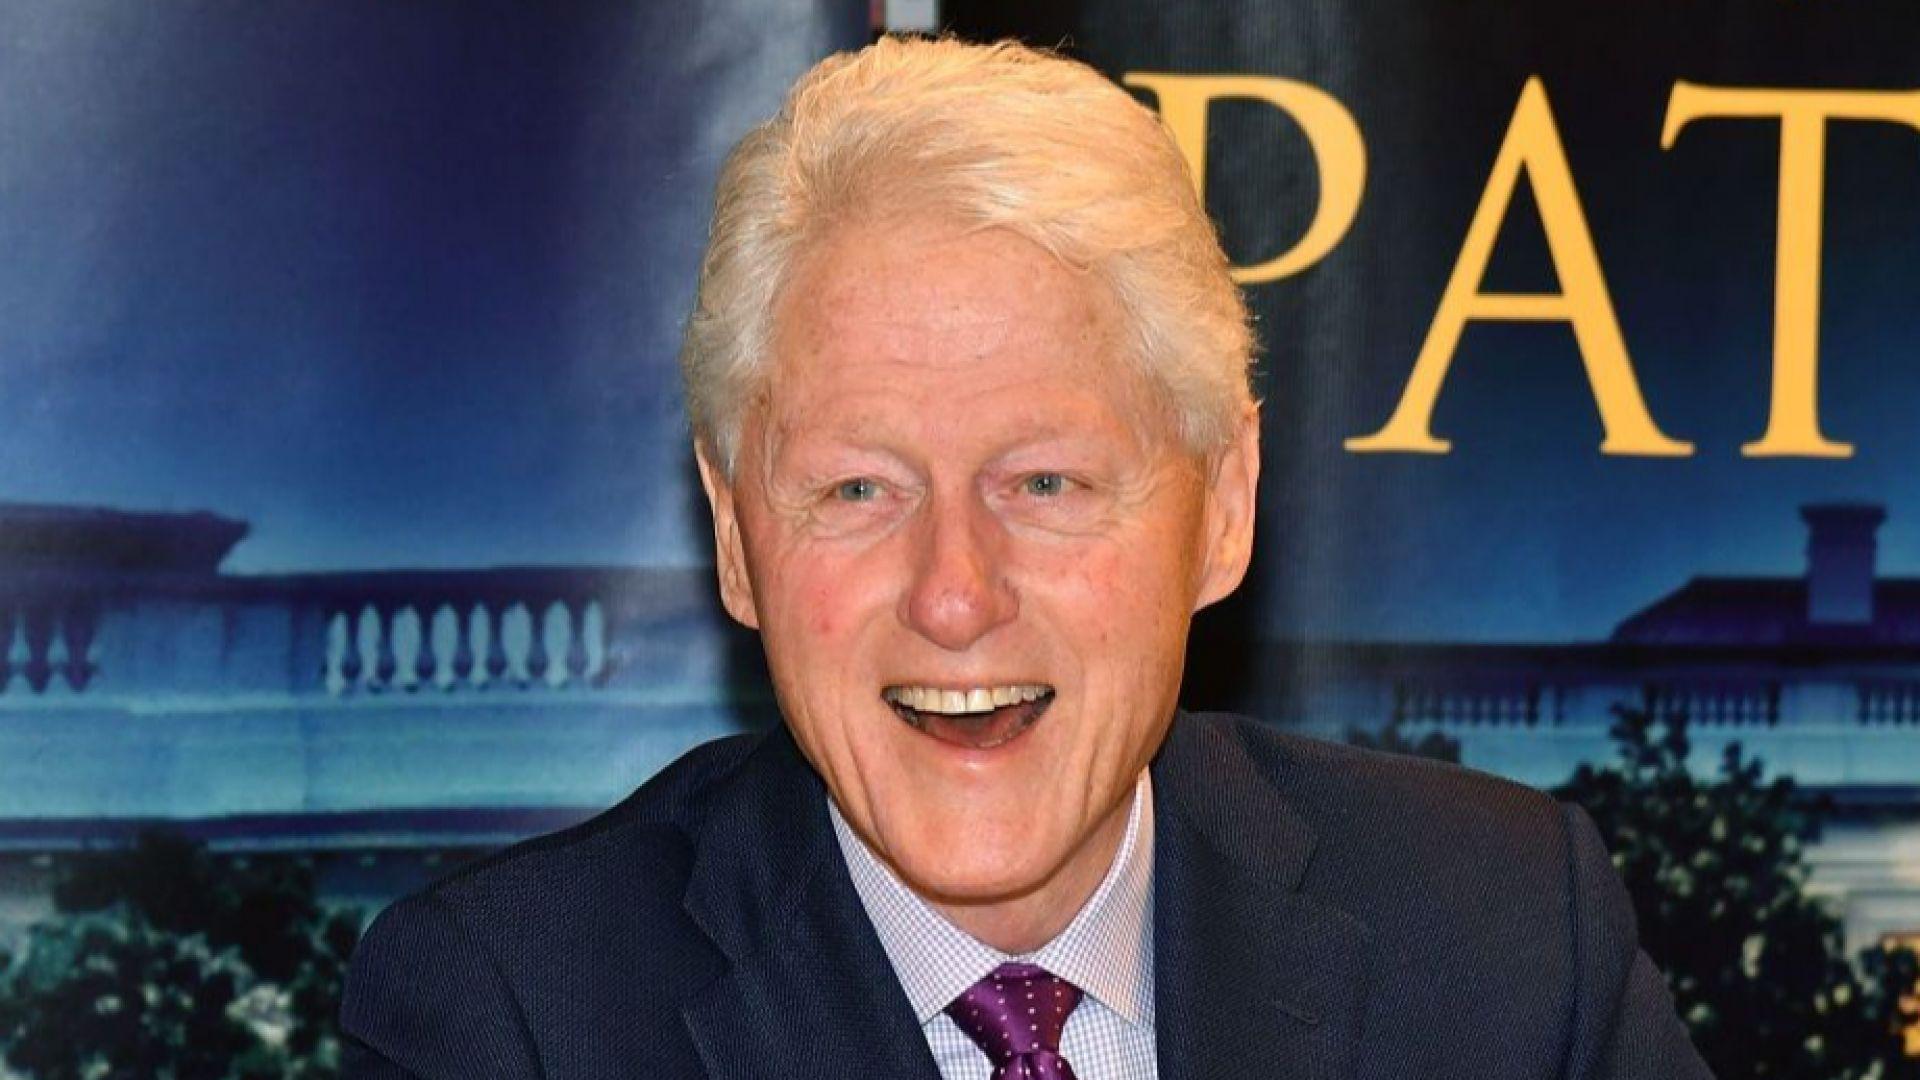 Дебютният роман на Бил Клинтън може да стане бестселър